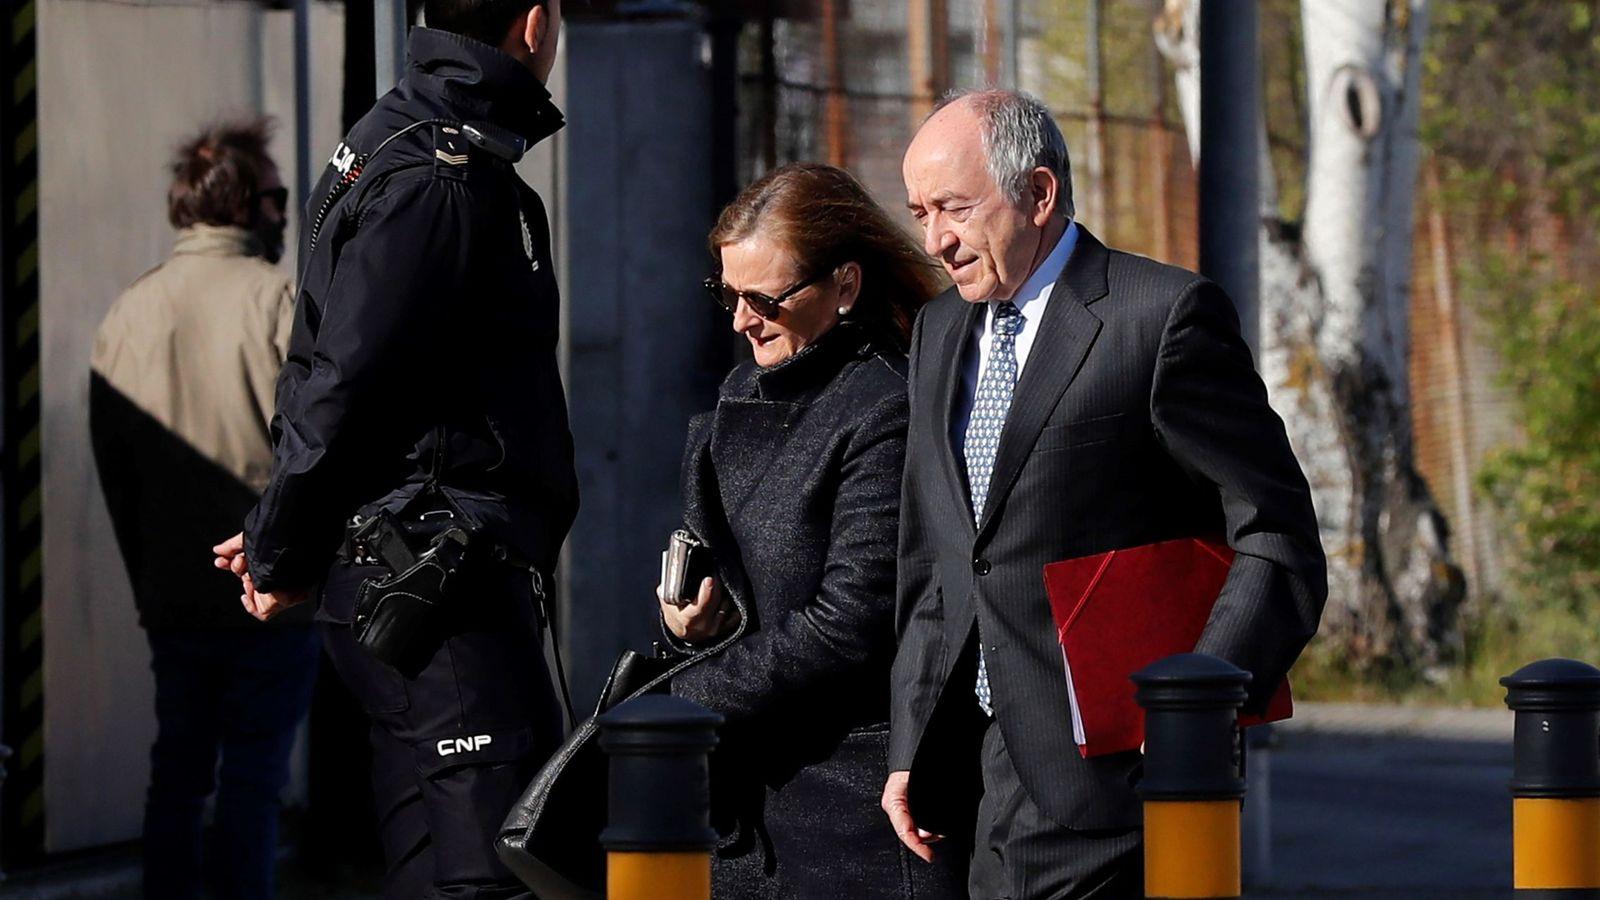 Foto: Miguel Ángel Fernández Ordóñez, exgobernador del Banco de España, en la Audiencia.